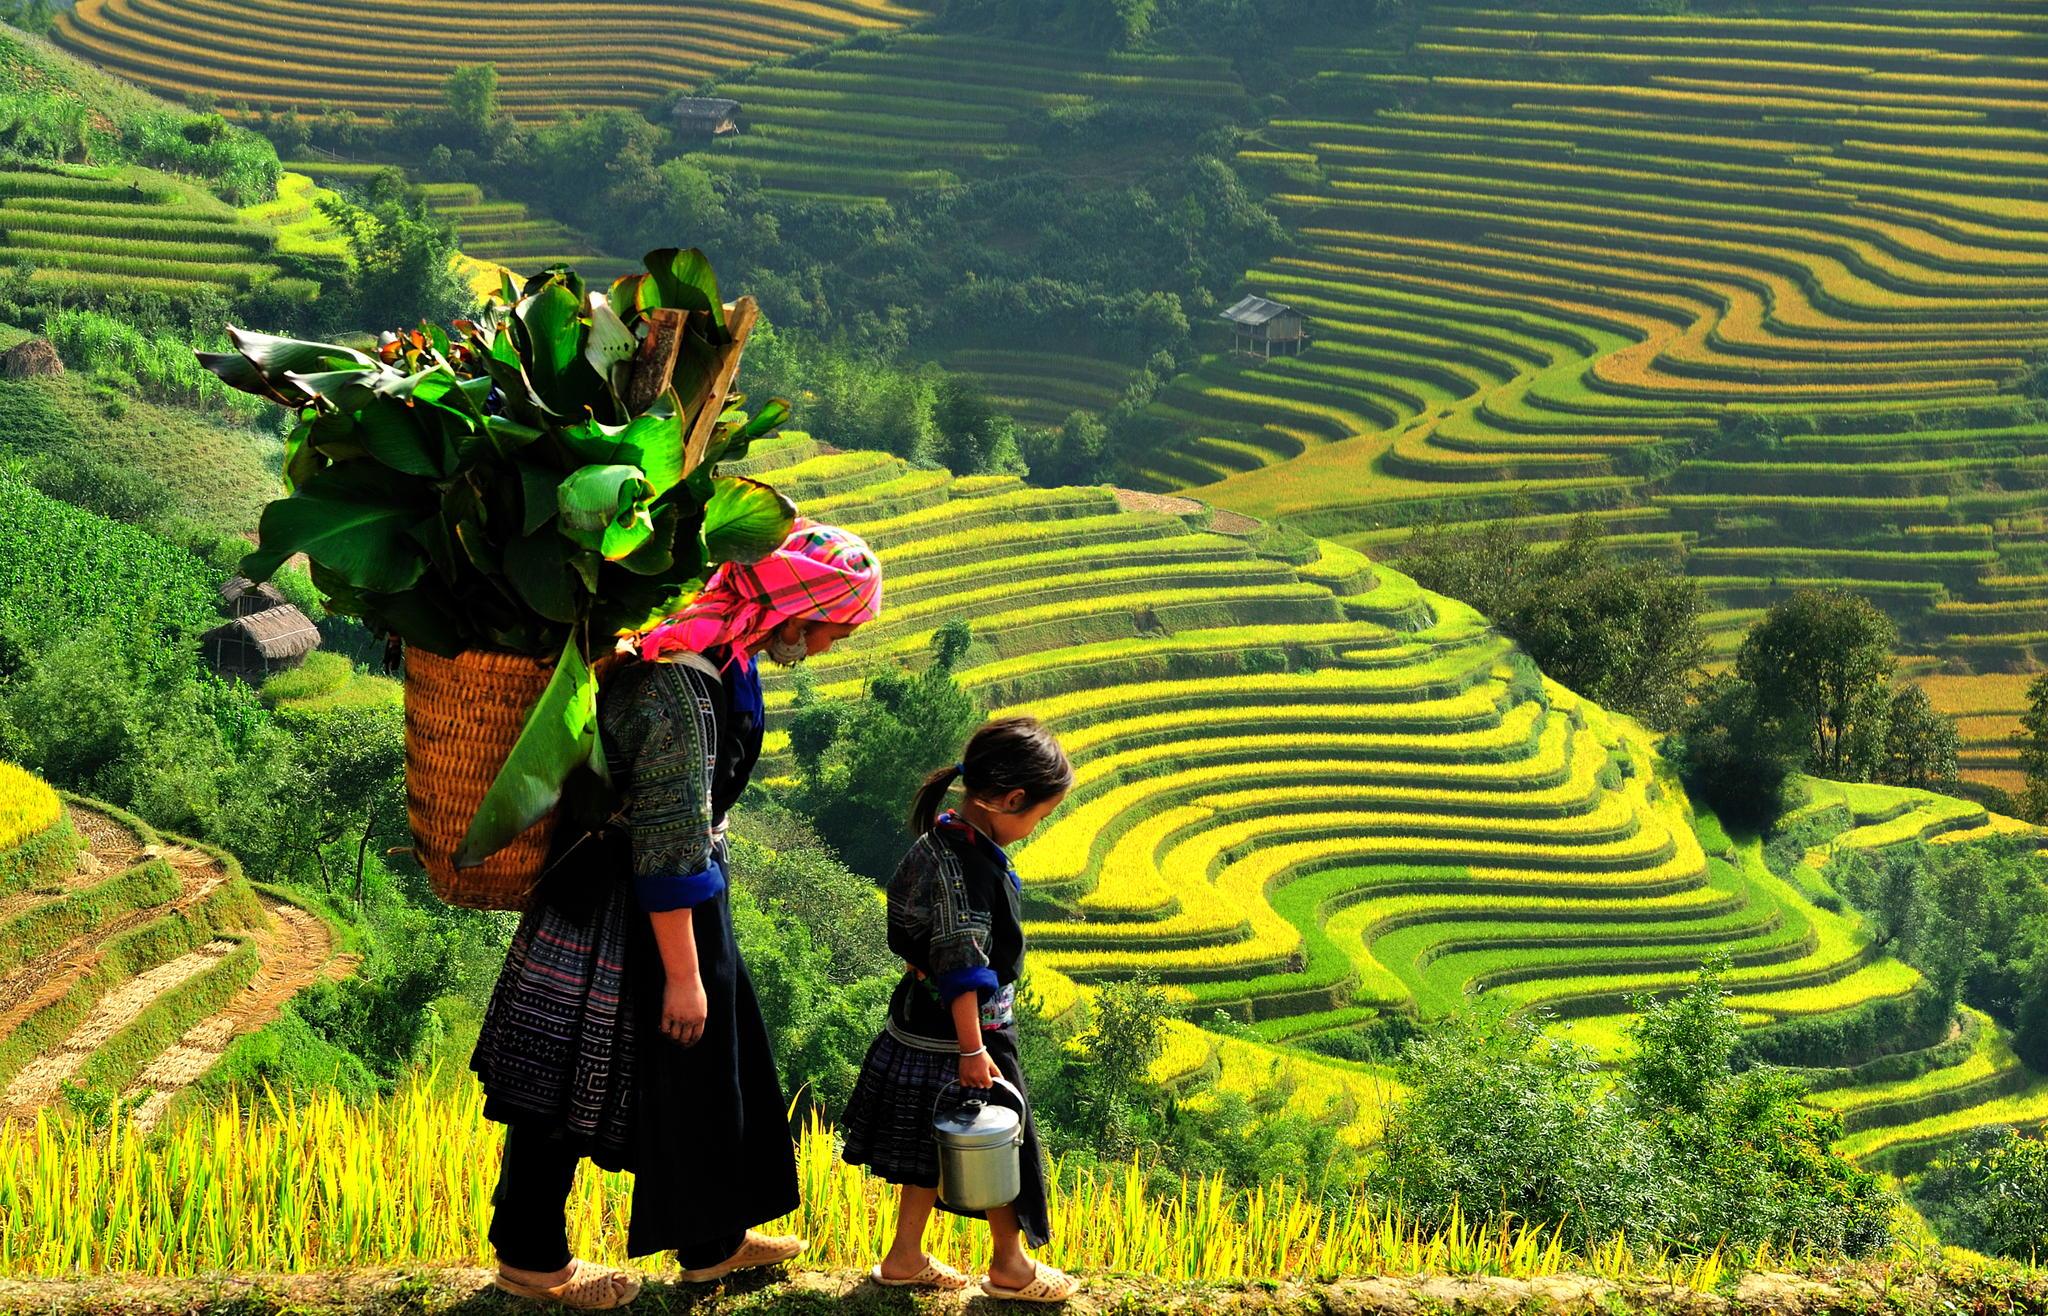 Tour Hà Nội- Sapa- Hà Nội